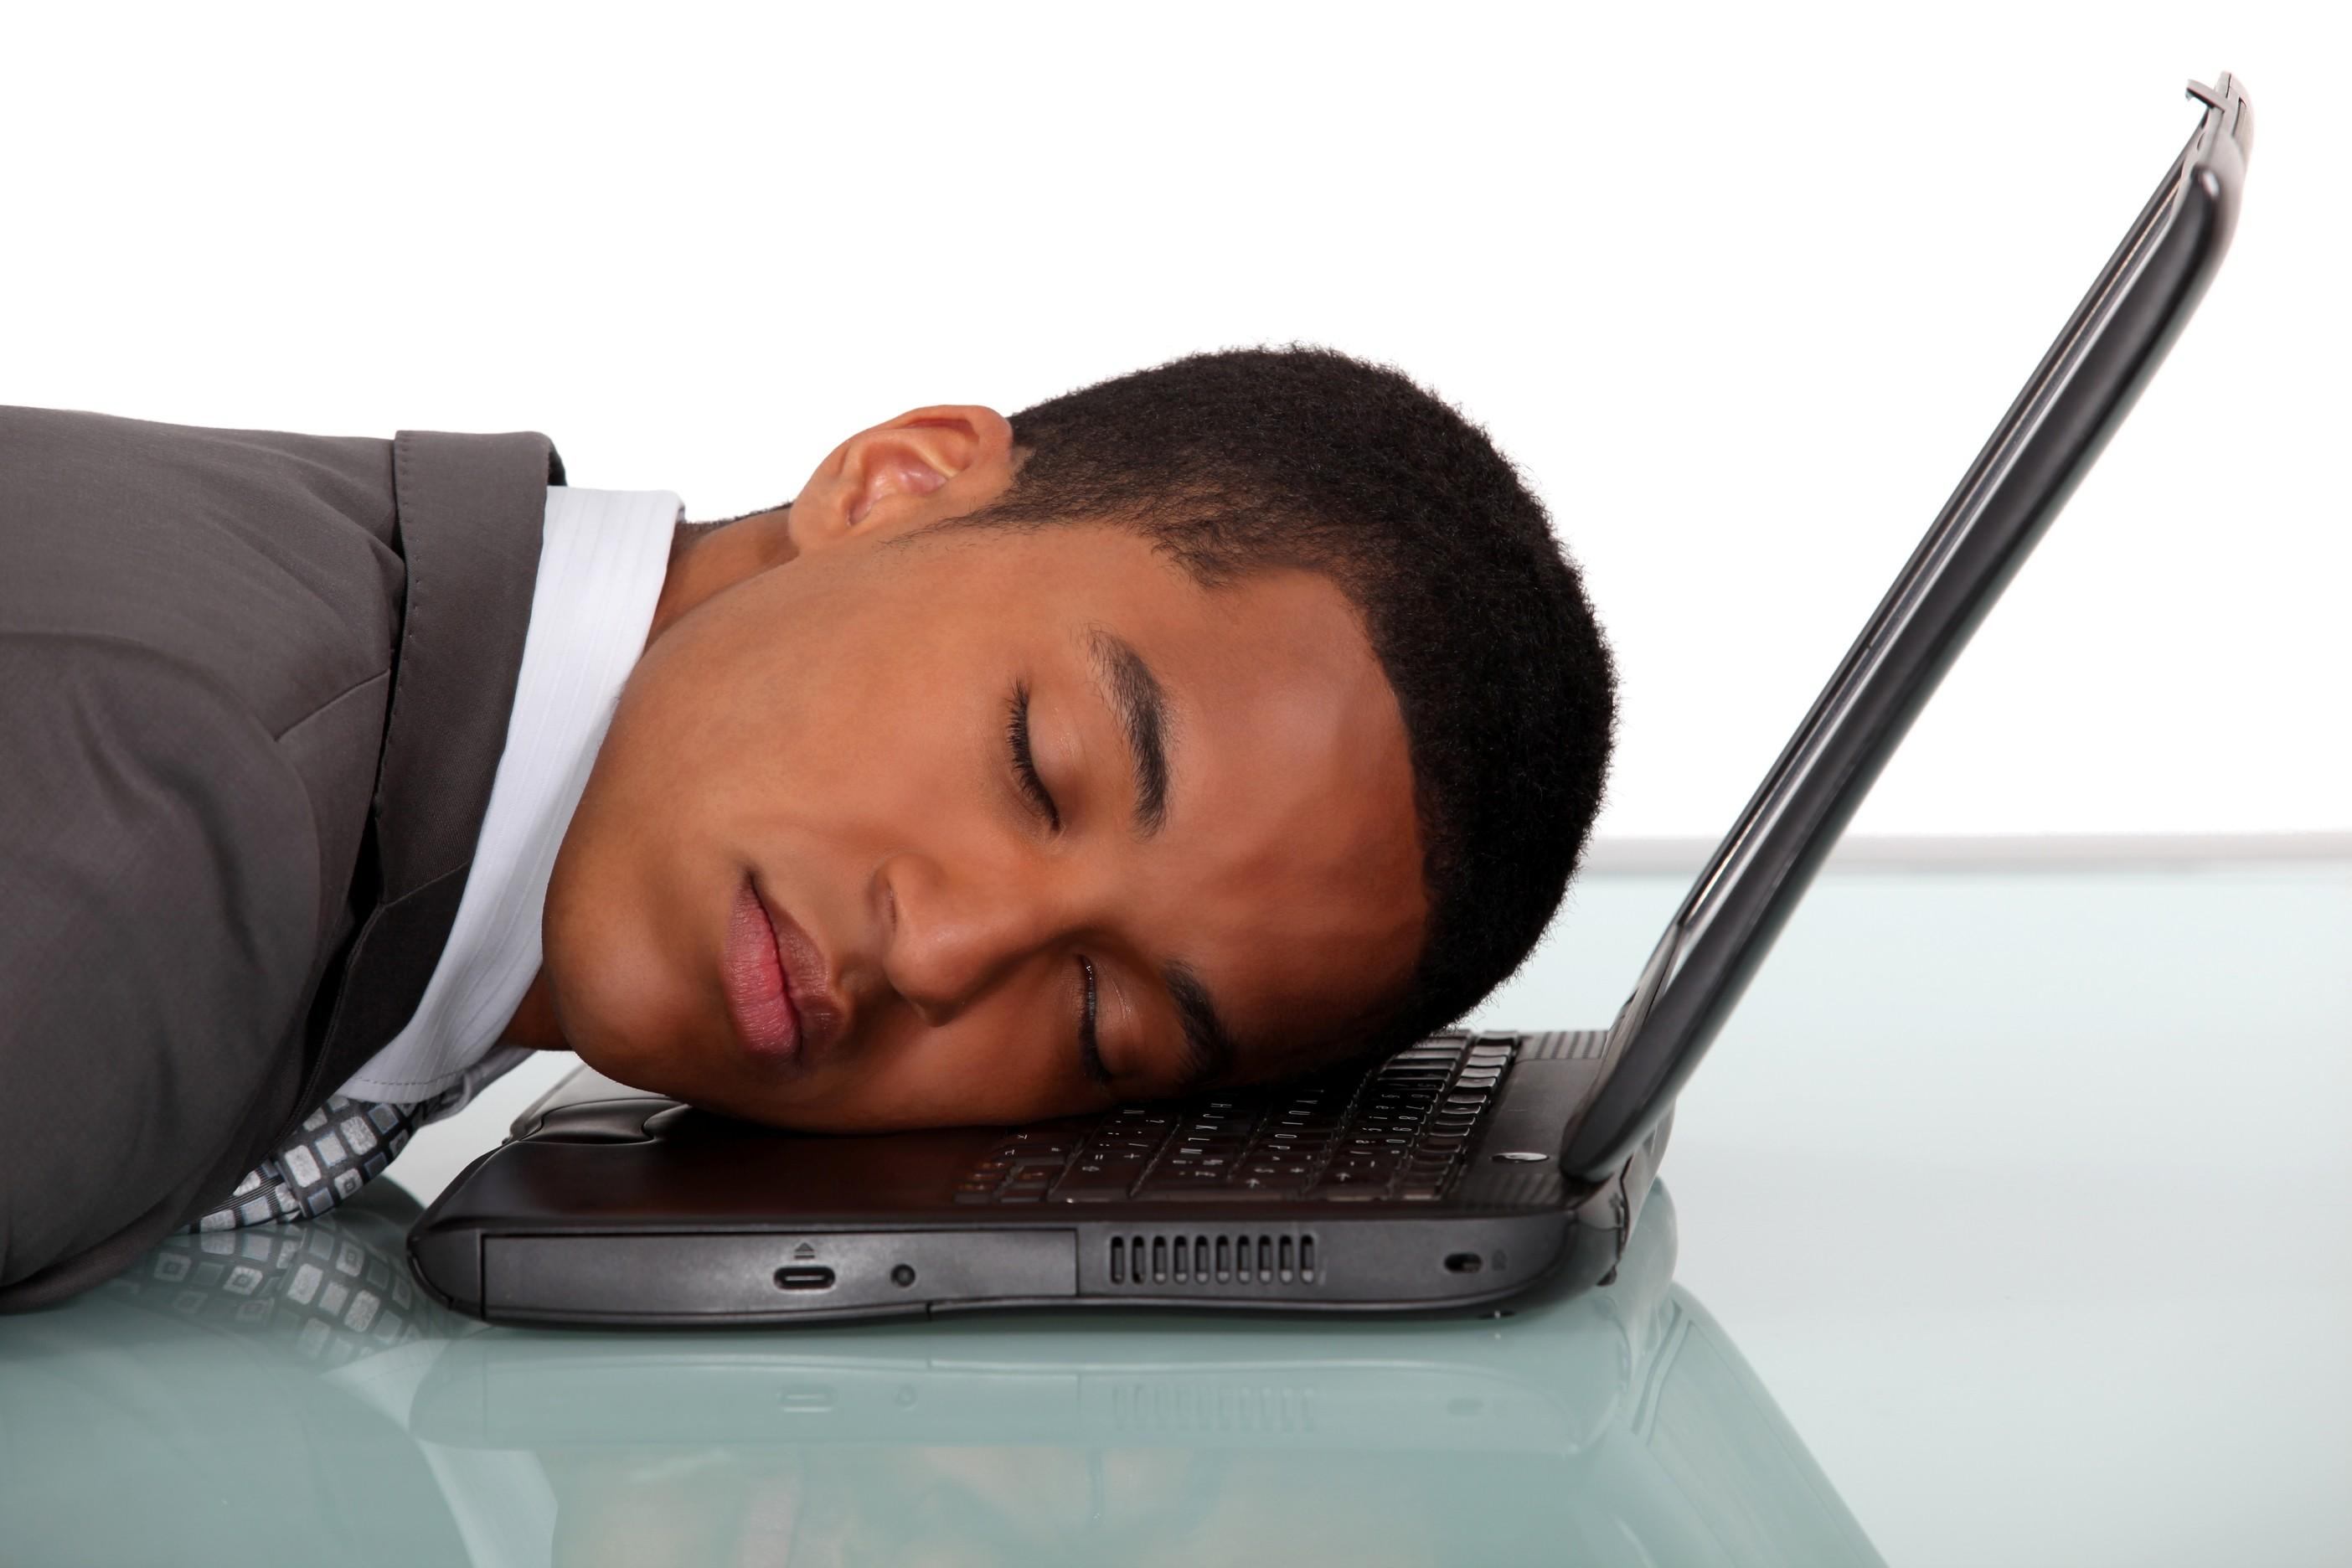 睡覺,神經科學家,大腦,比爾蓋茲,書摘,記憶,科學